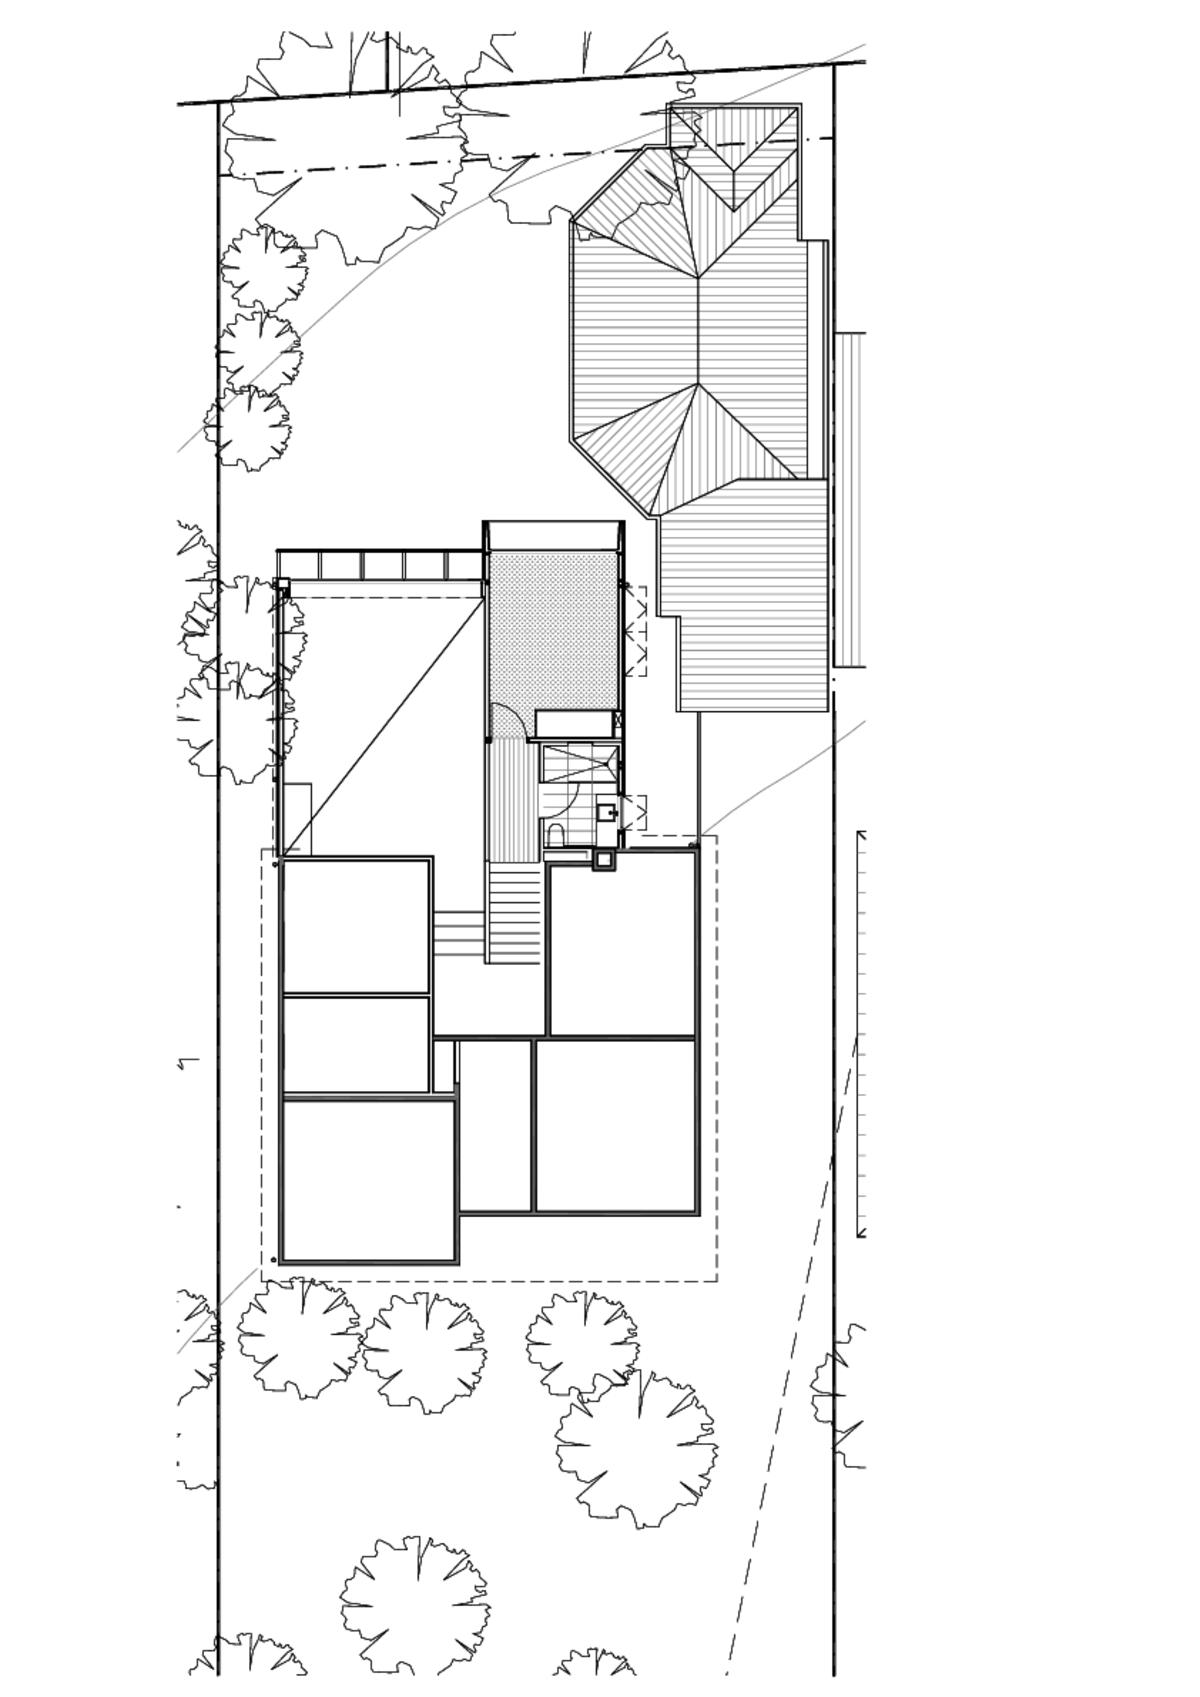 Elphin House